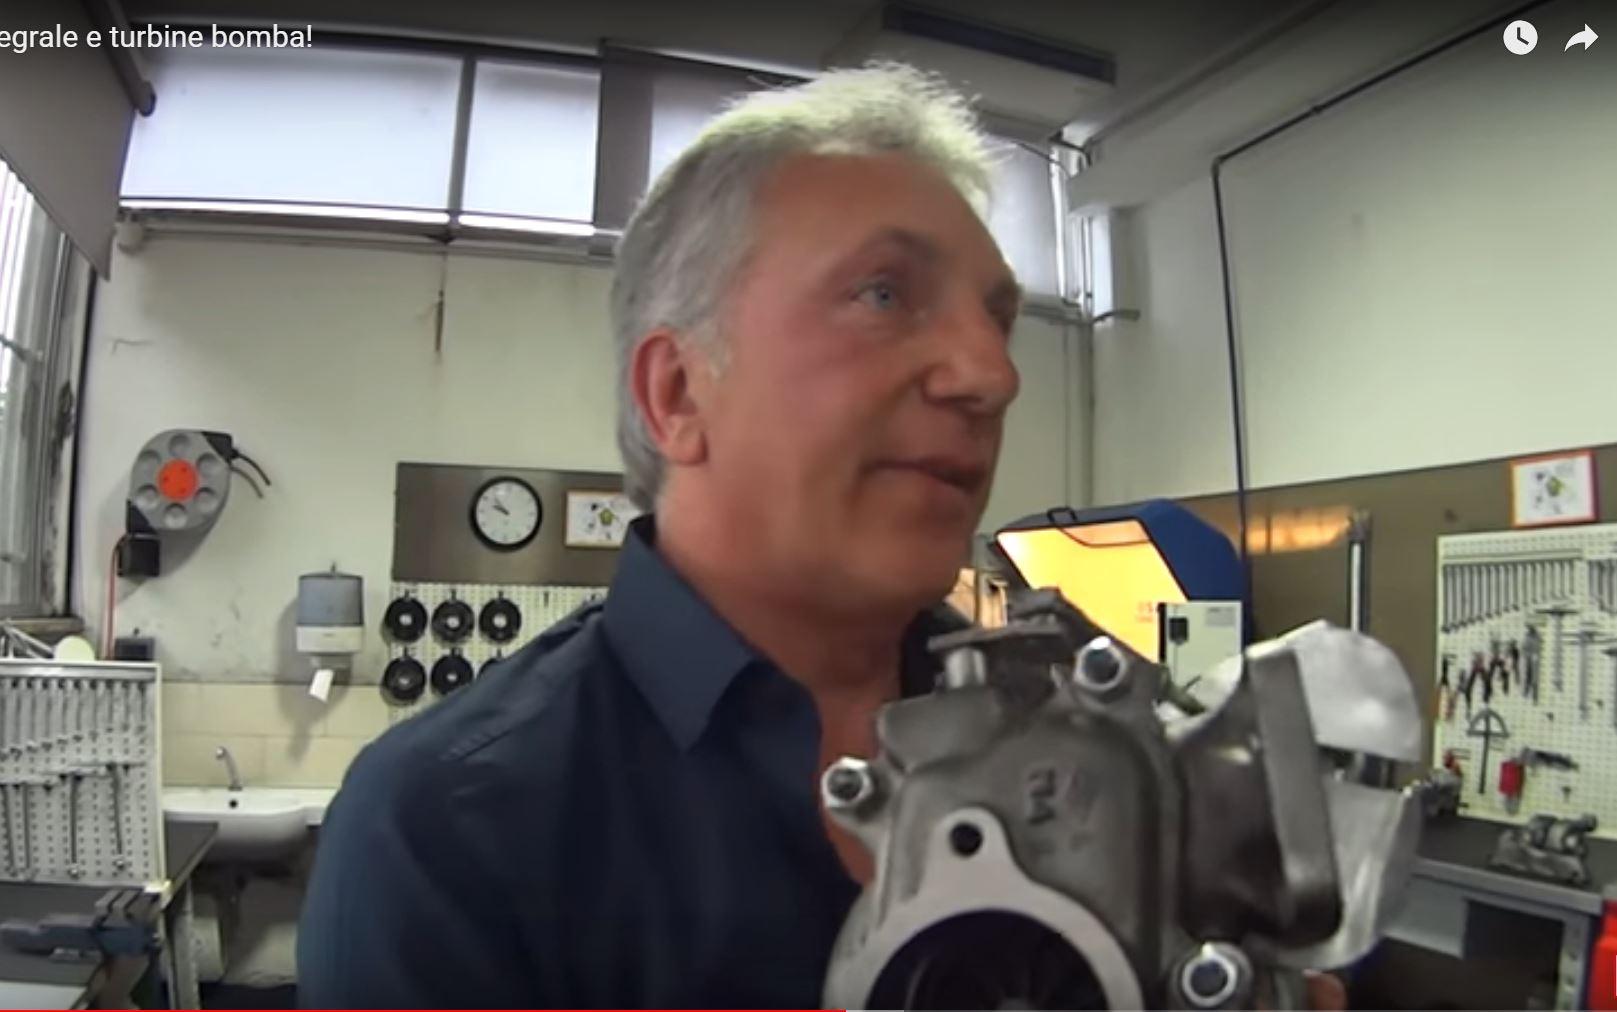 Stefano Gallo saito lancia delta video